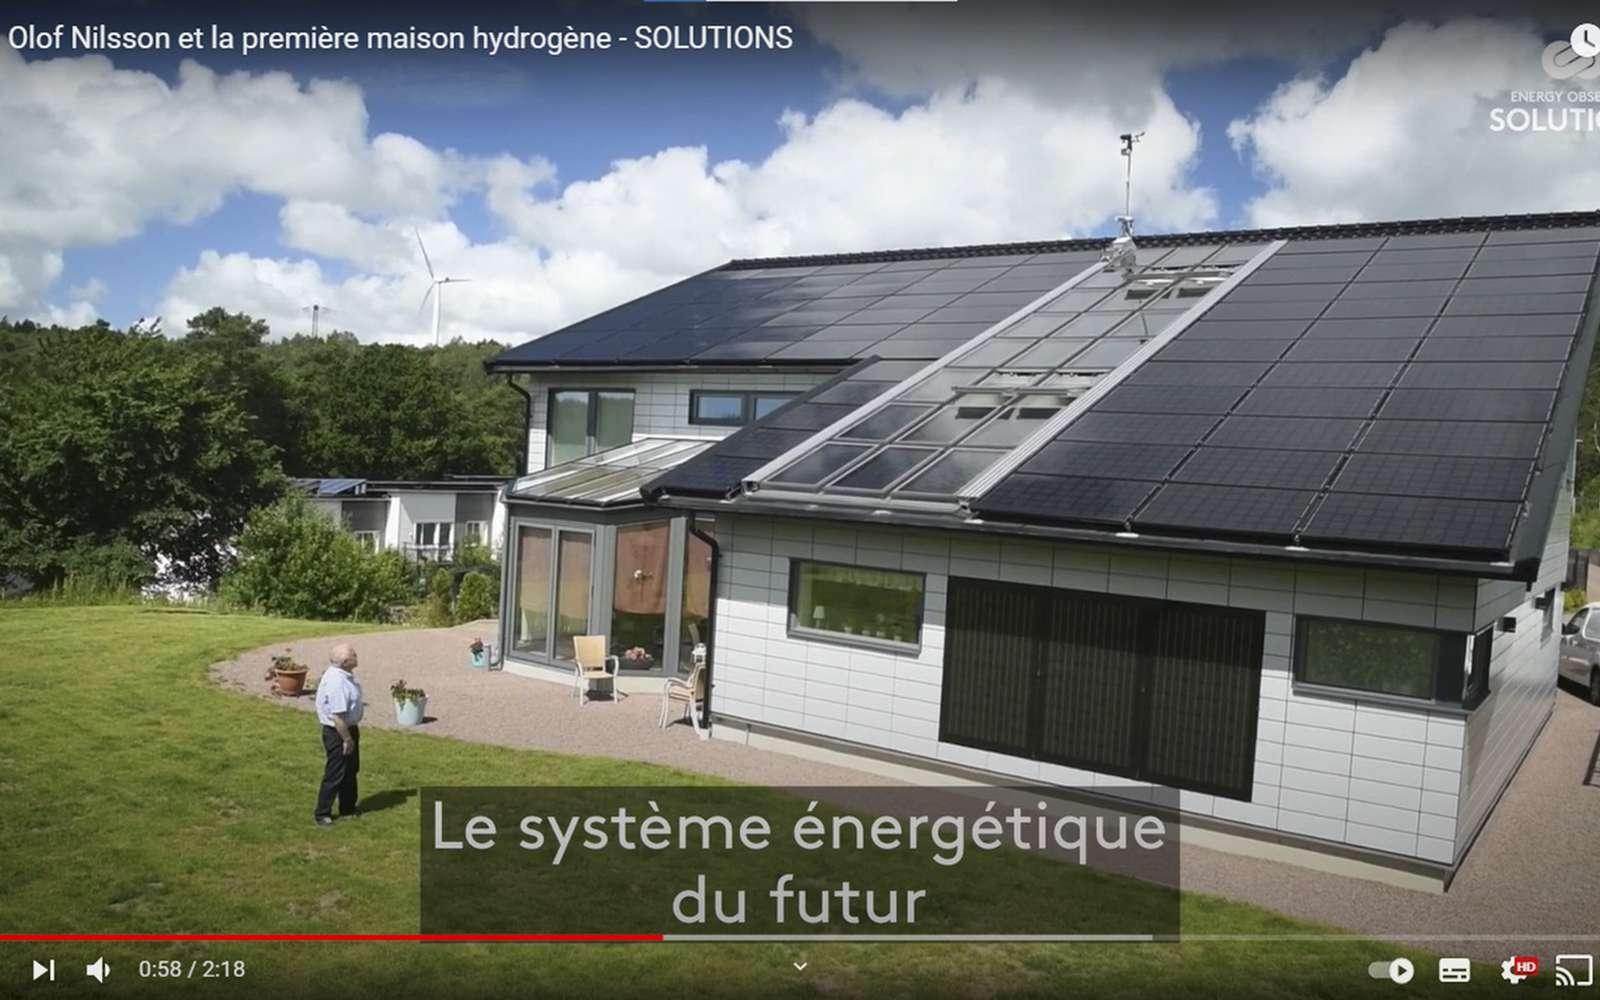 La première maison, alimentée à l'énergie solaire et à l'hydrogène, est autonome en énergie. © Energy Observer productions